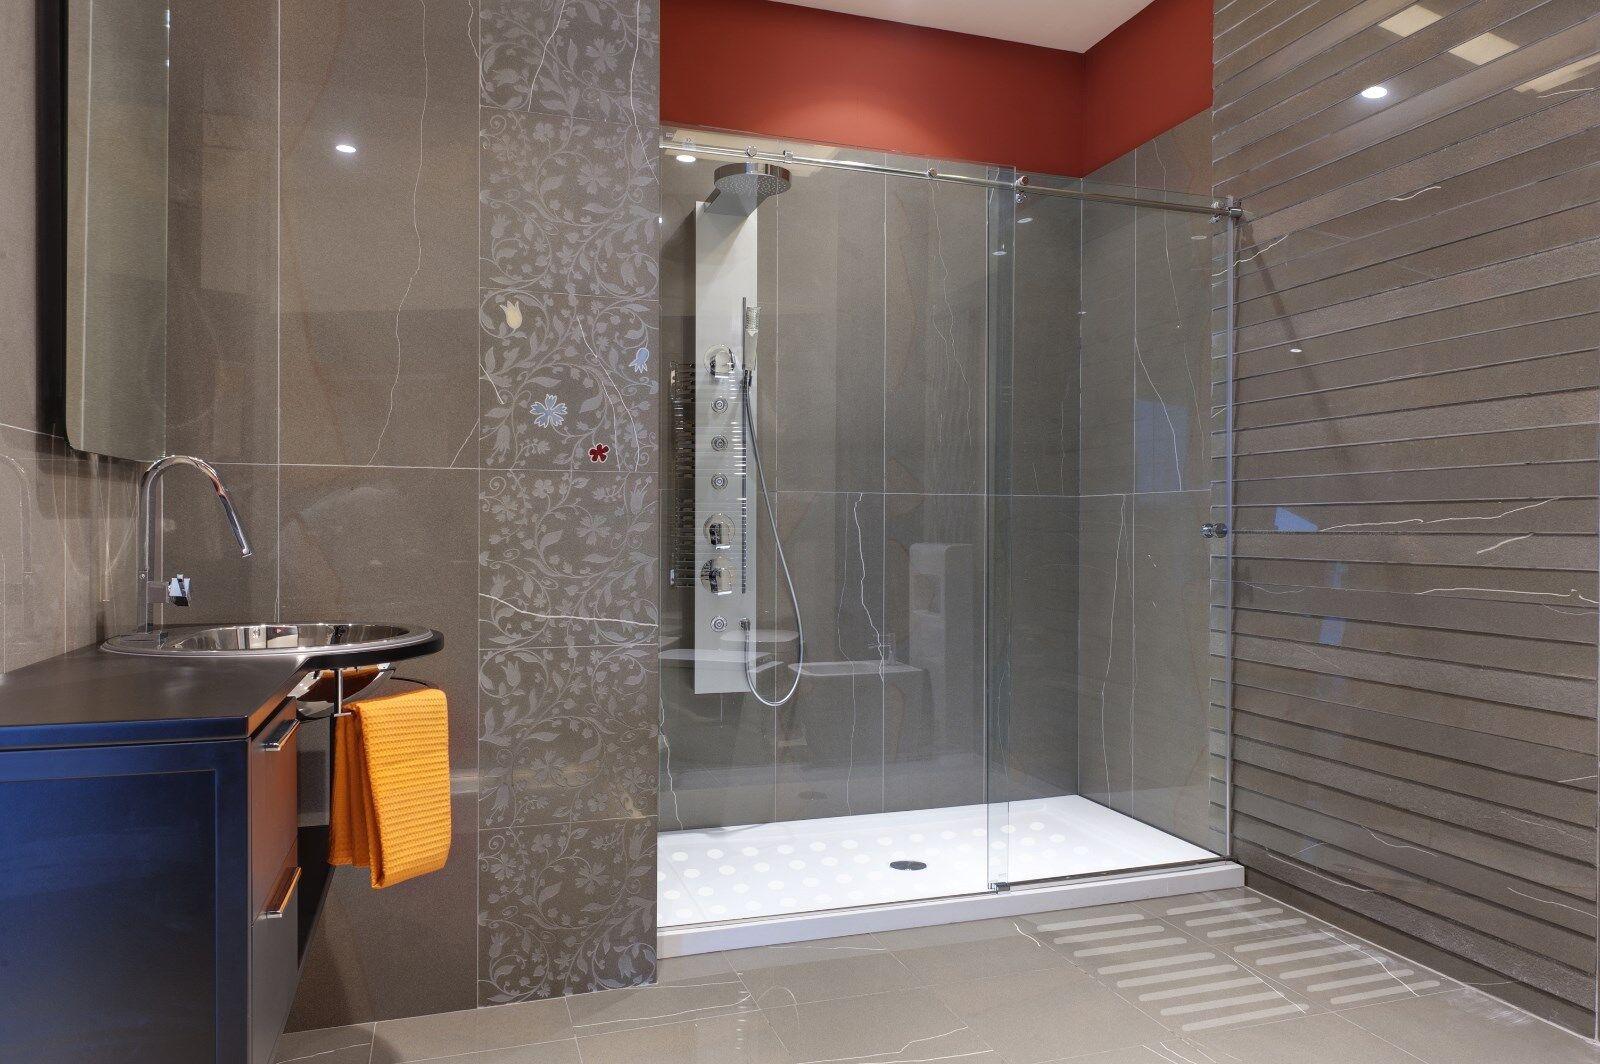 1 antirutsch streifen 2 cm x 60 cm dusche antirutschmatte anti rutsch rutschfest kaufen bei. Black Bedroom Furniture Sets. Home Design Ideas